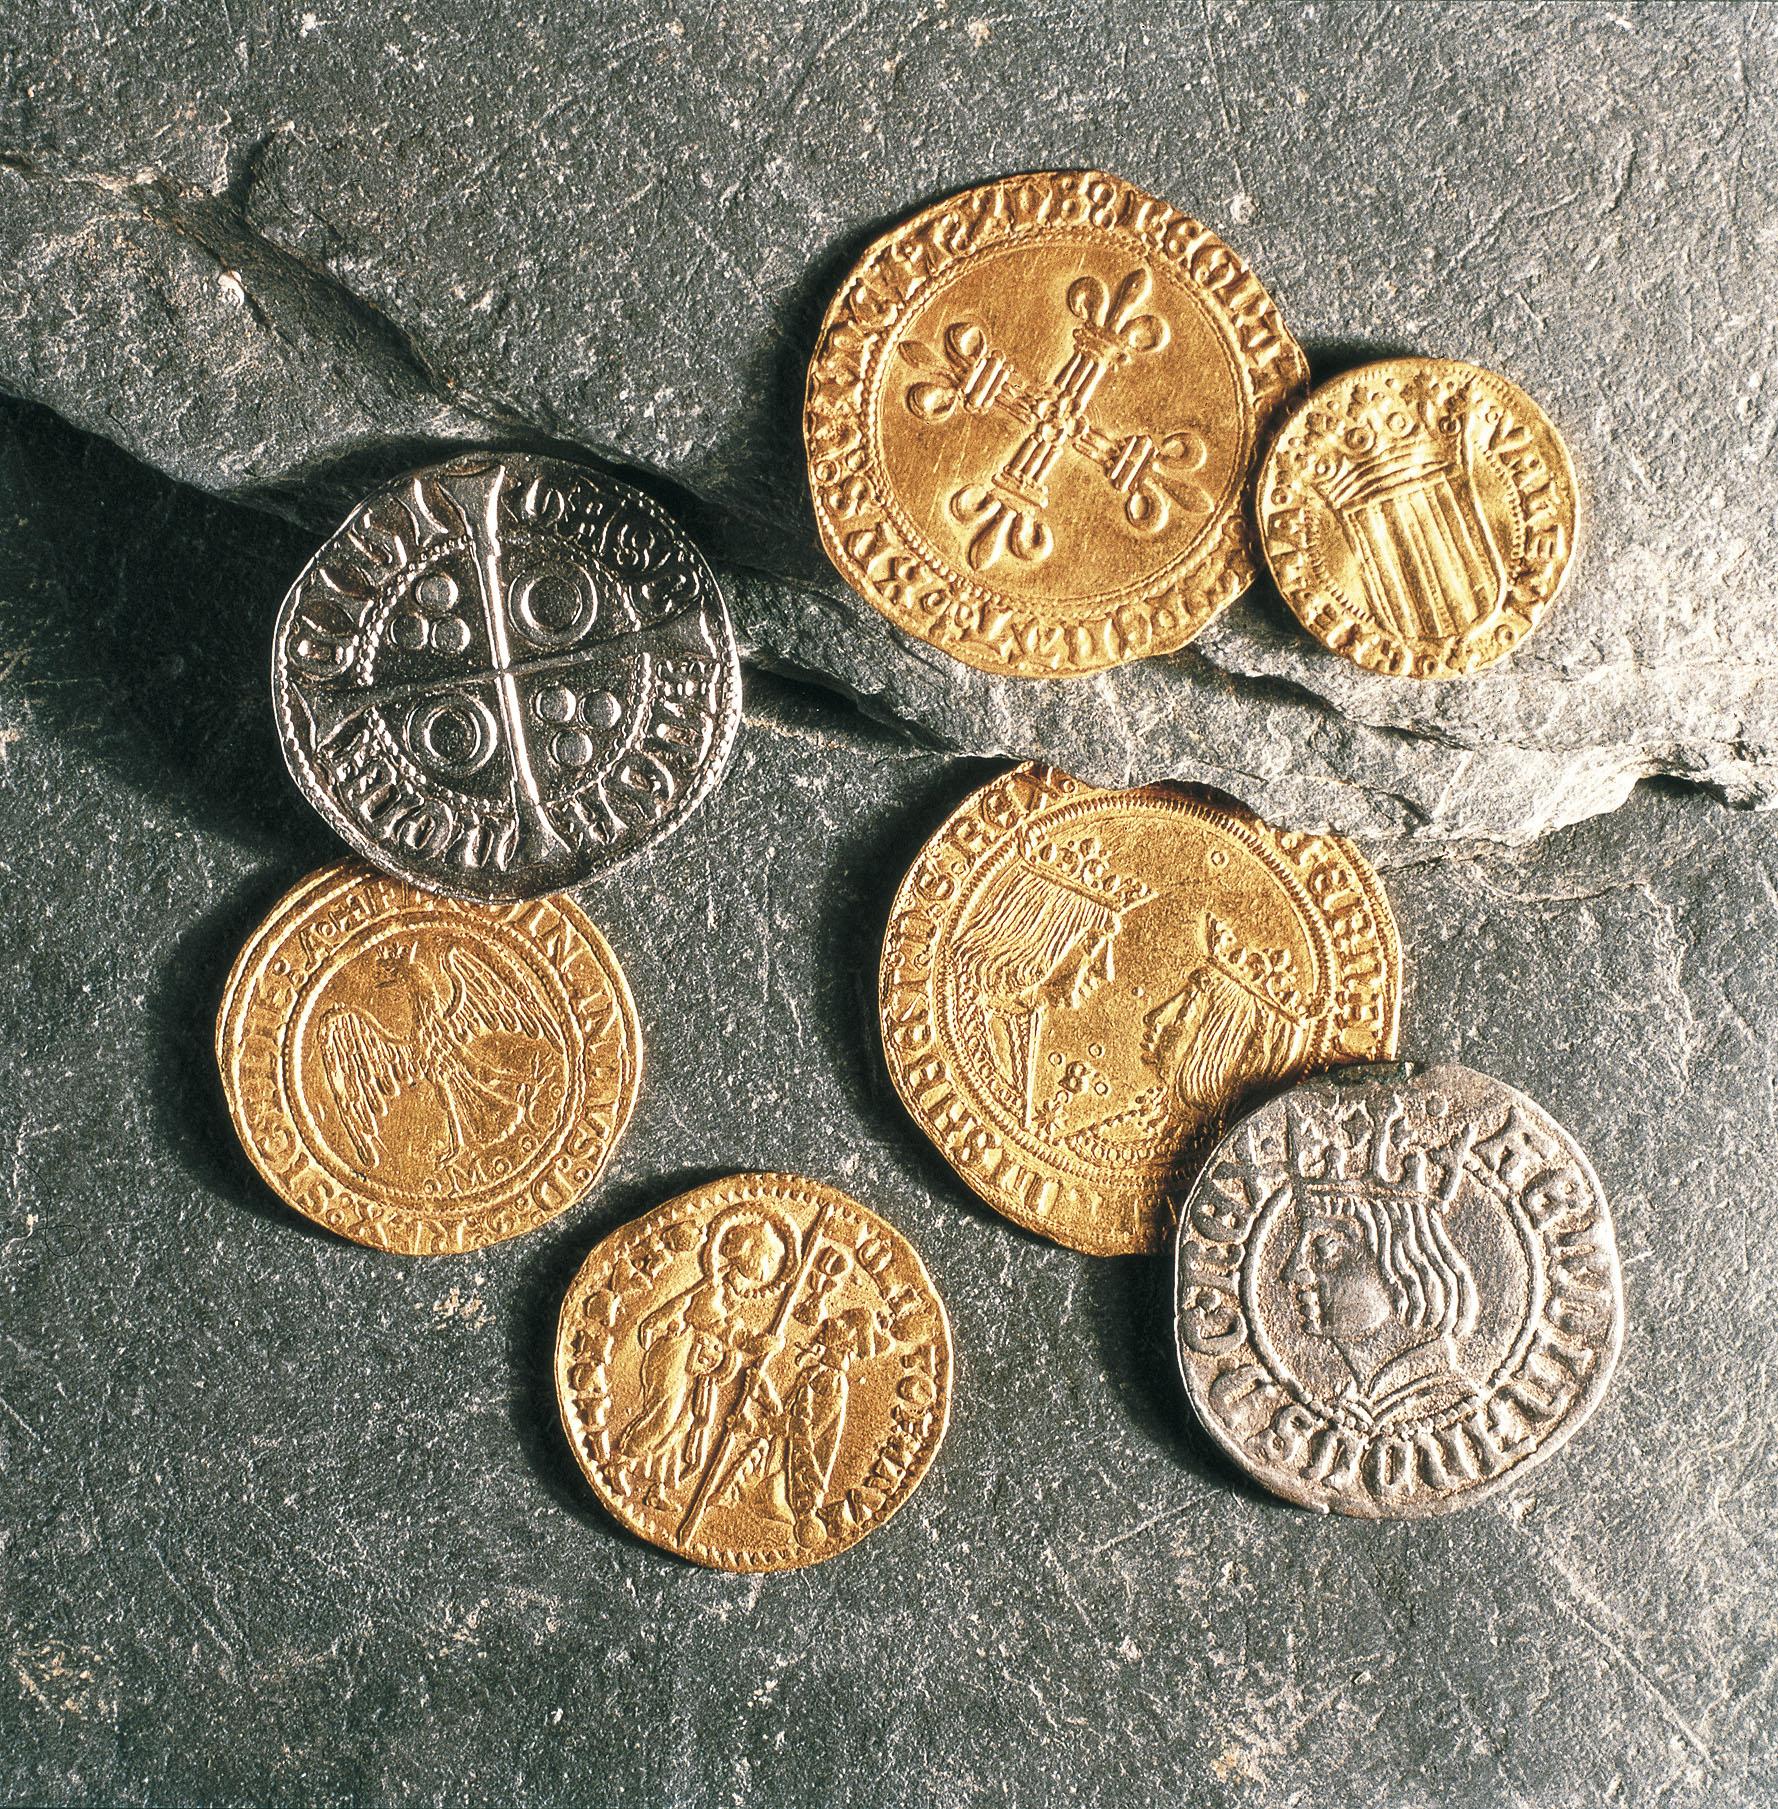 Diverses autoritats - Tresor de Sant Pere de Rodes - Primer quart del segle XVI